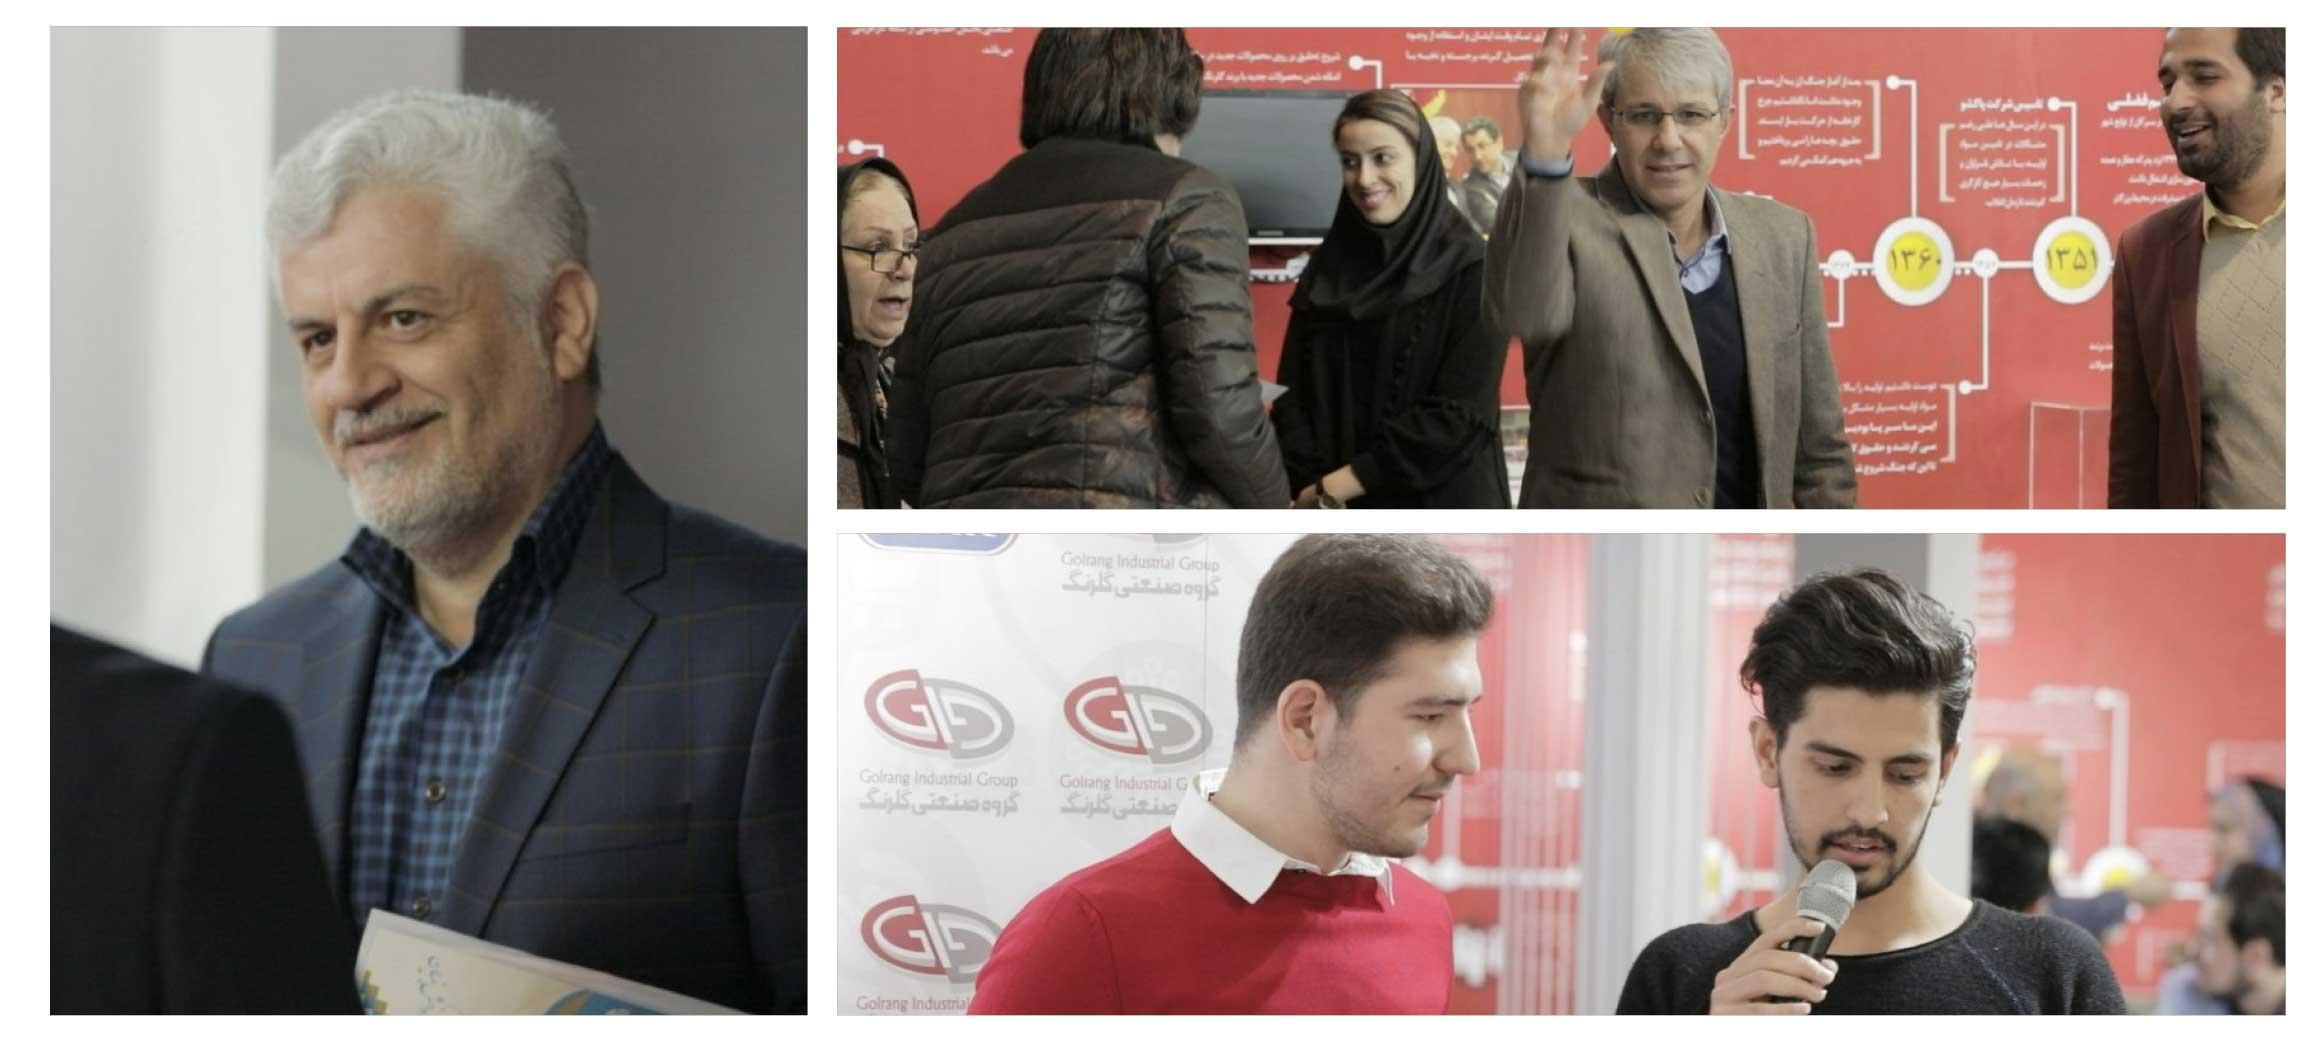 گزارشی از حضور گروه صنعتی گلرنگ در نمایشگاه کار ایران